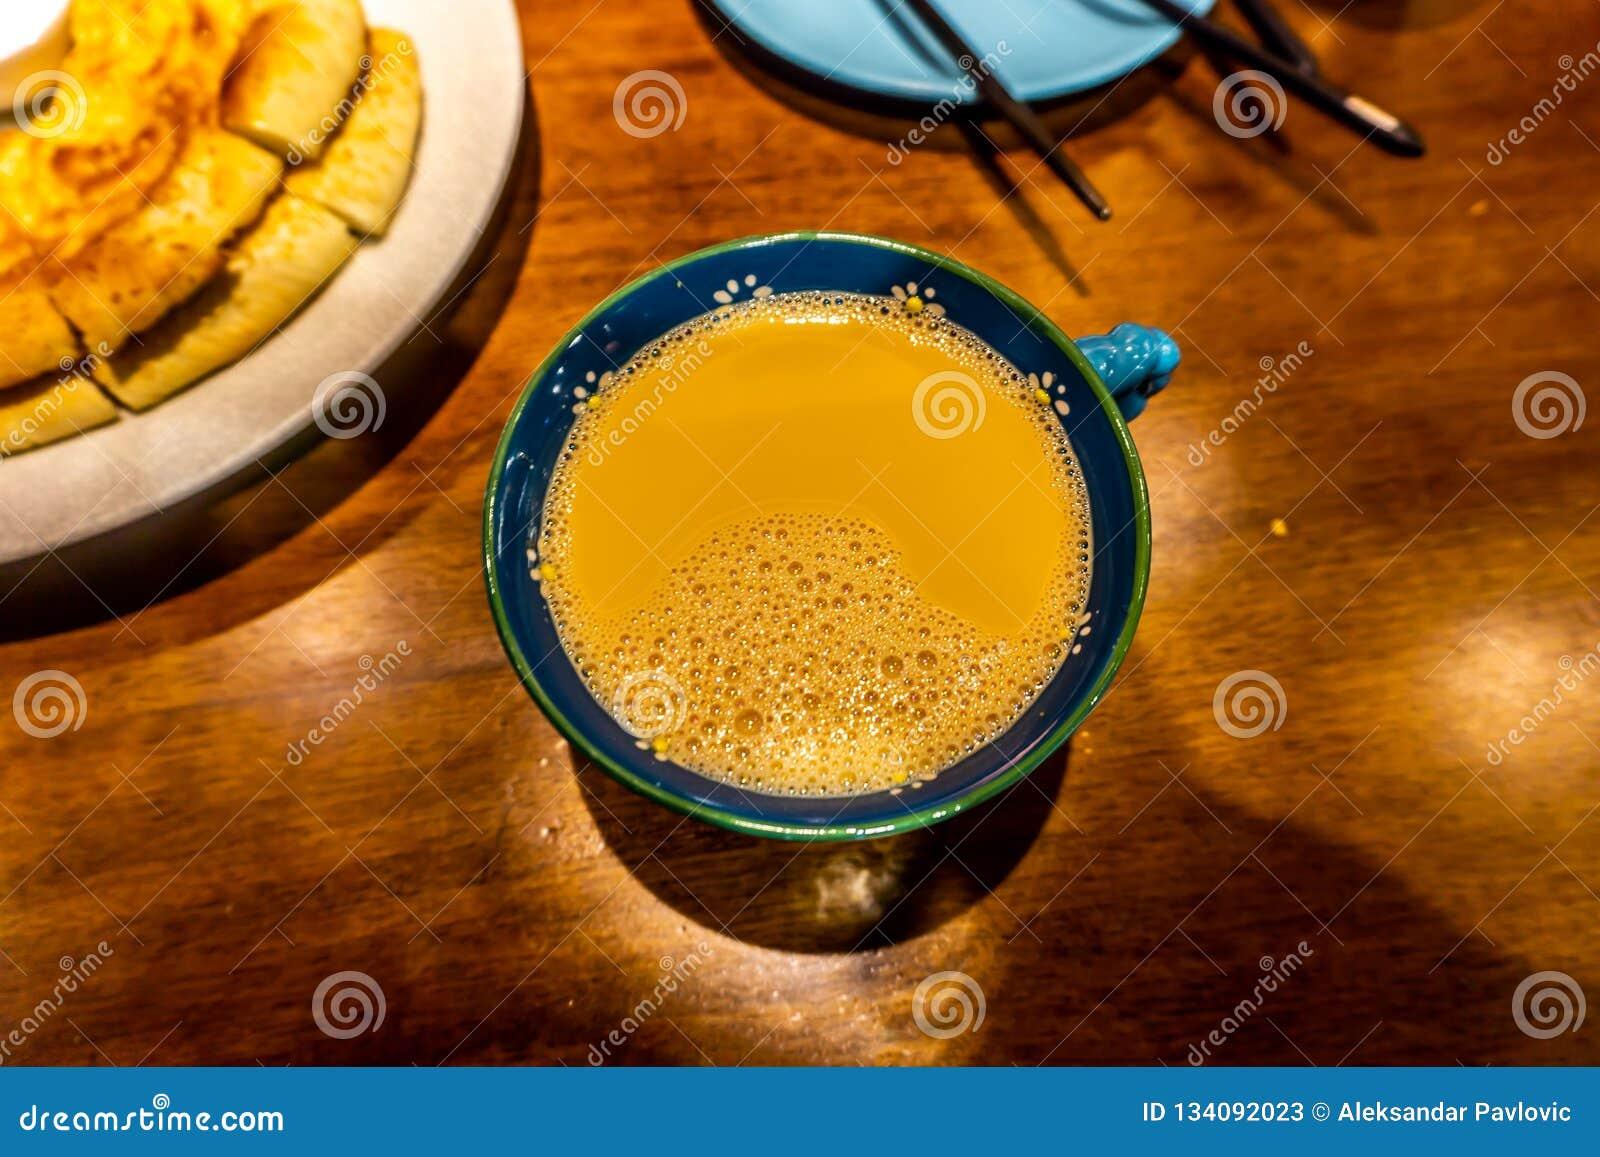 中国人新疆奶茶